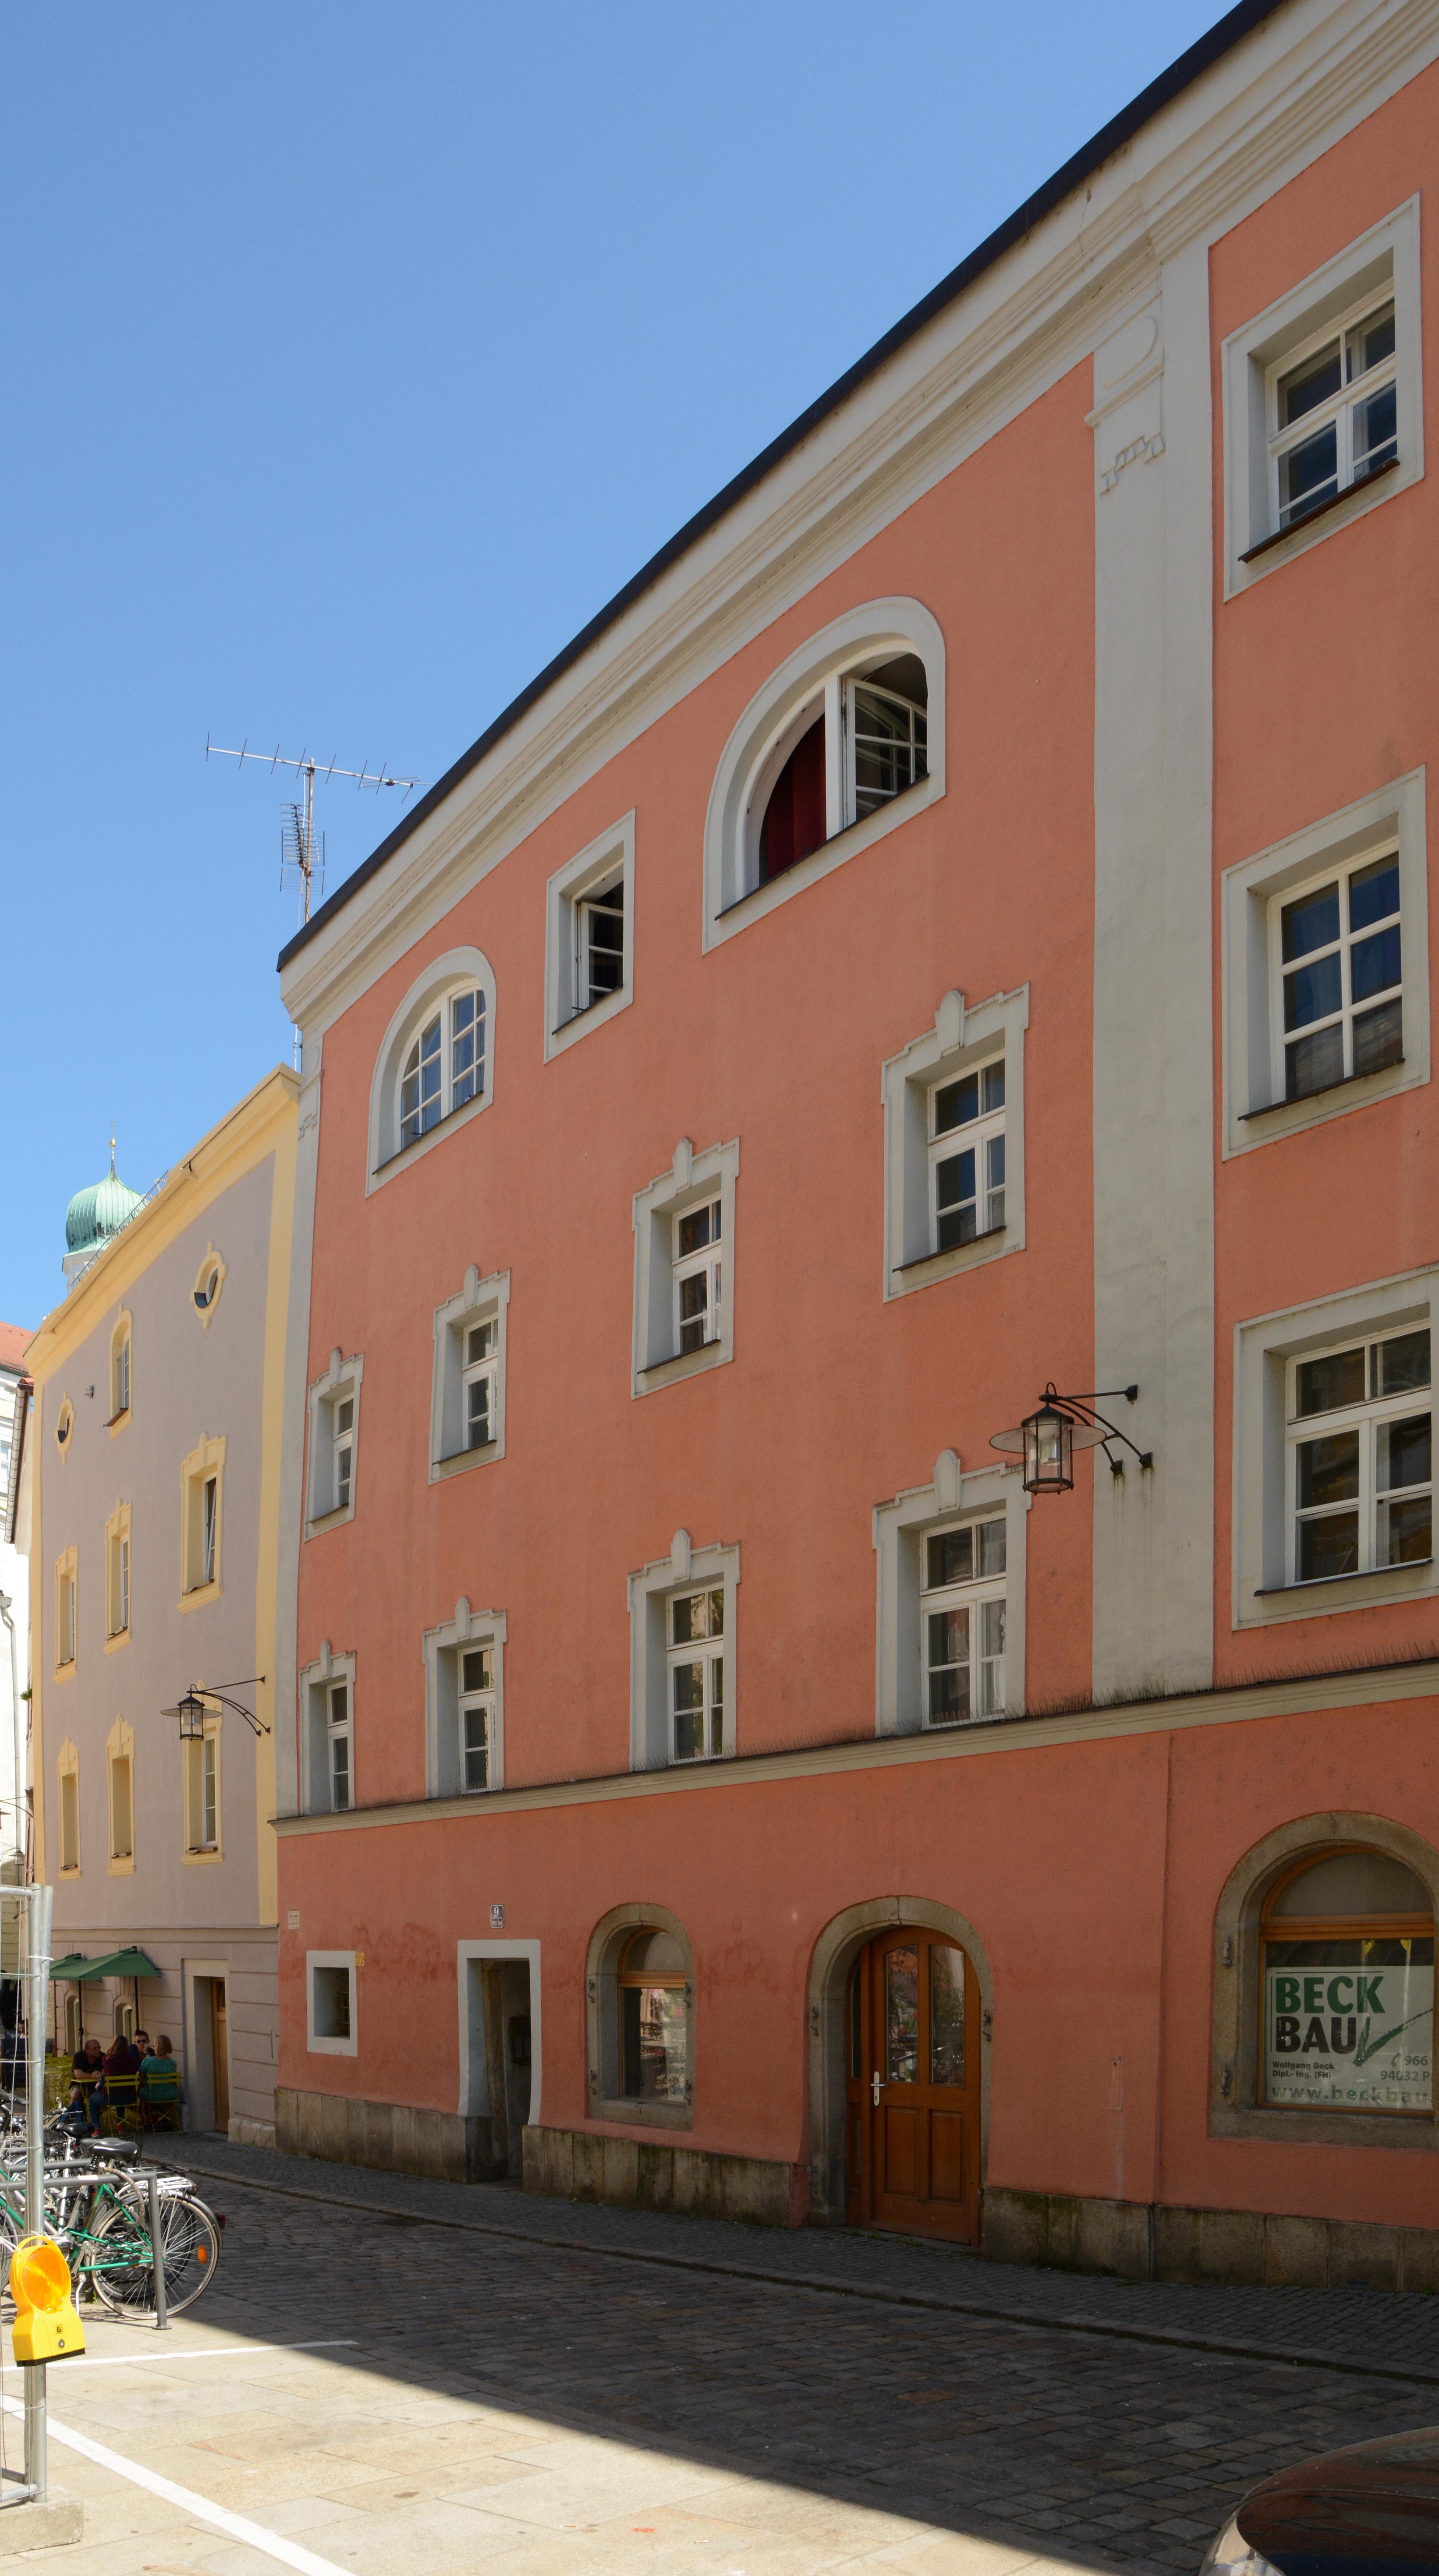 Dateiwohnhaus Unterer Sand 9 Passau Cjpg Wikipedia